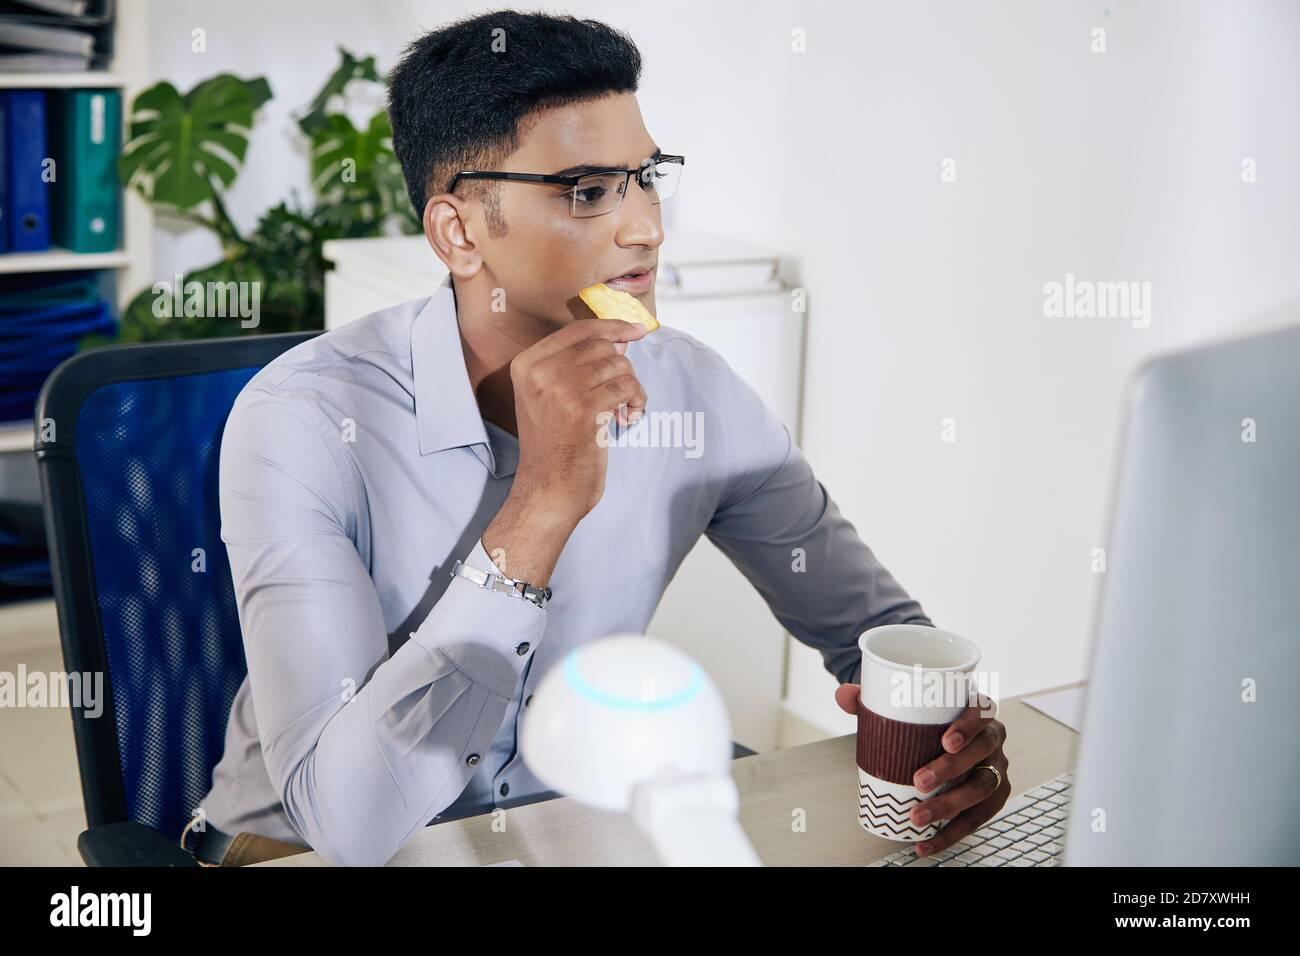 Desarrollador de software bebiendo café Foto de stock